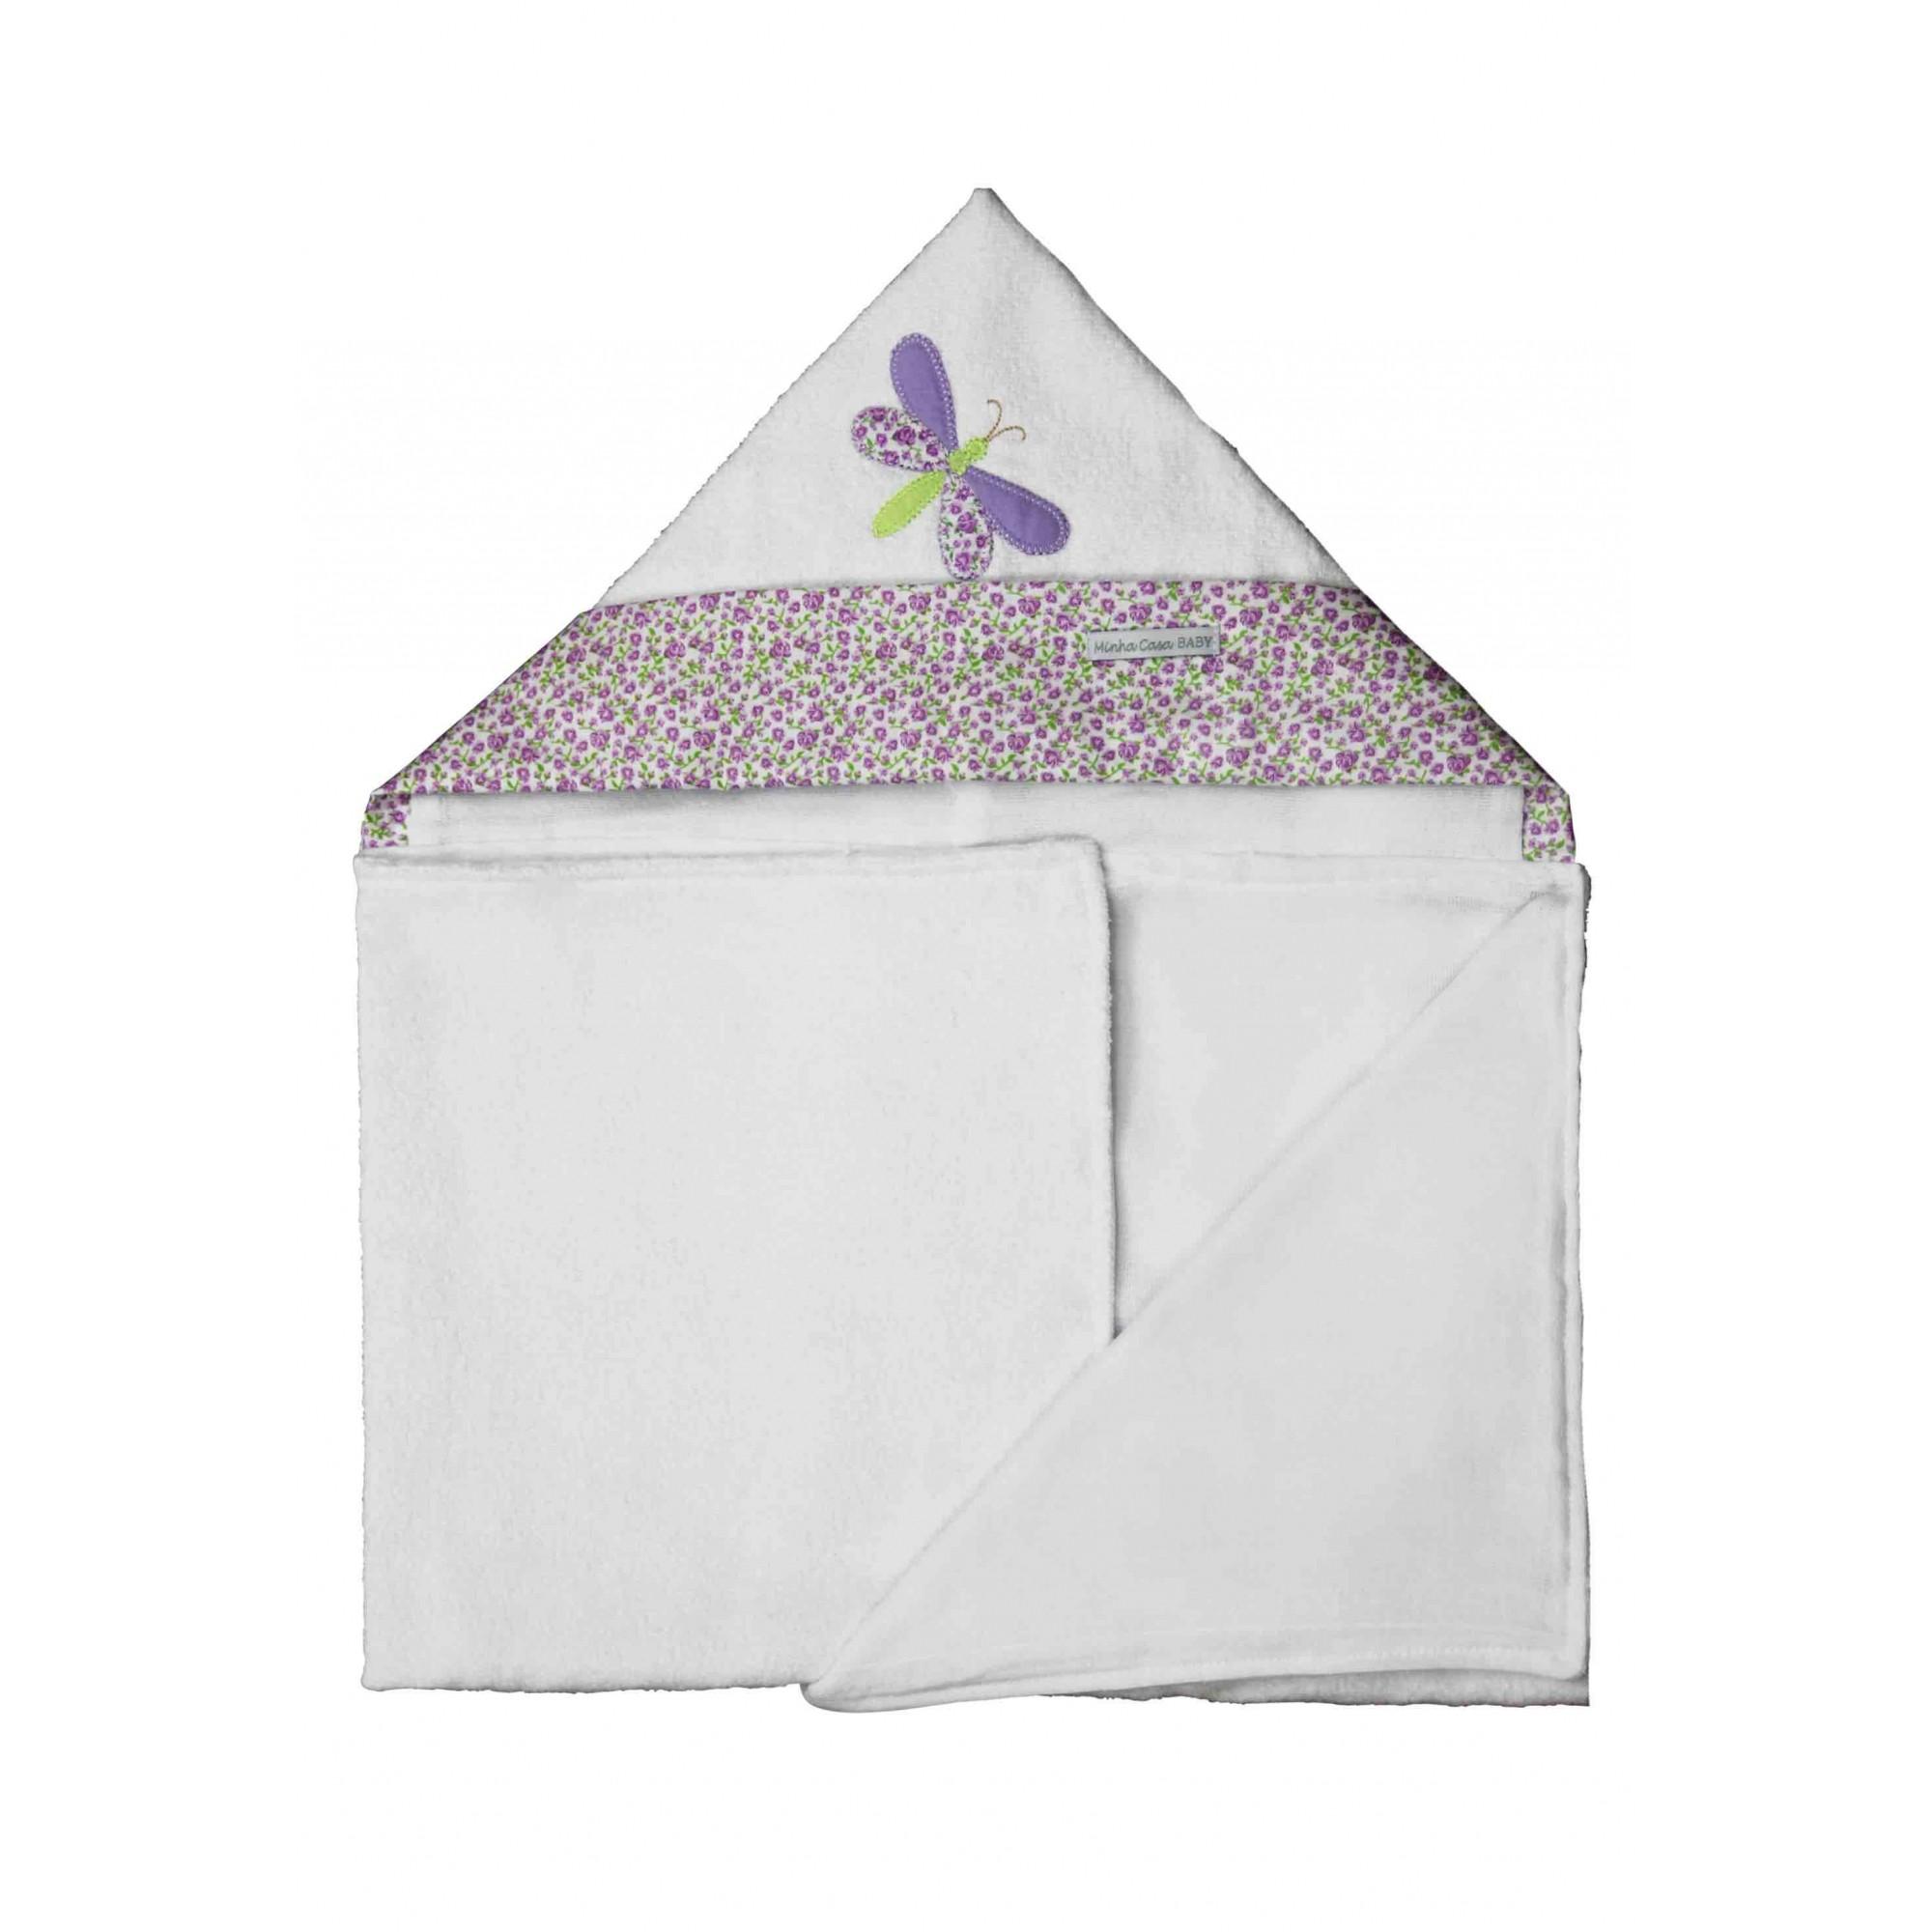 Toalha de Banho Infantil Aveludada 100% Algodão com Capuz - Libélula Lilás - Enxoval Menina